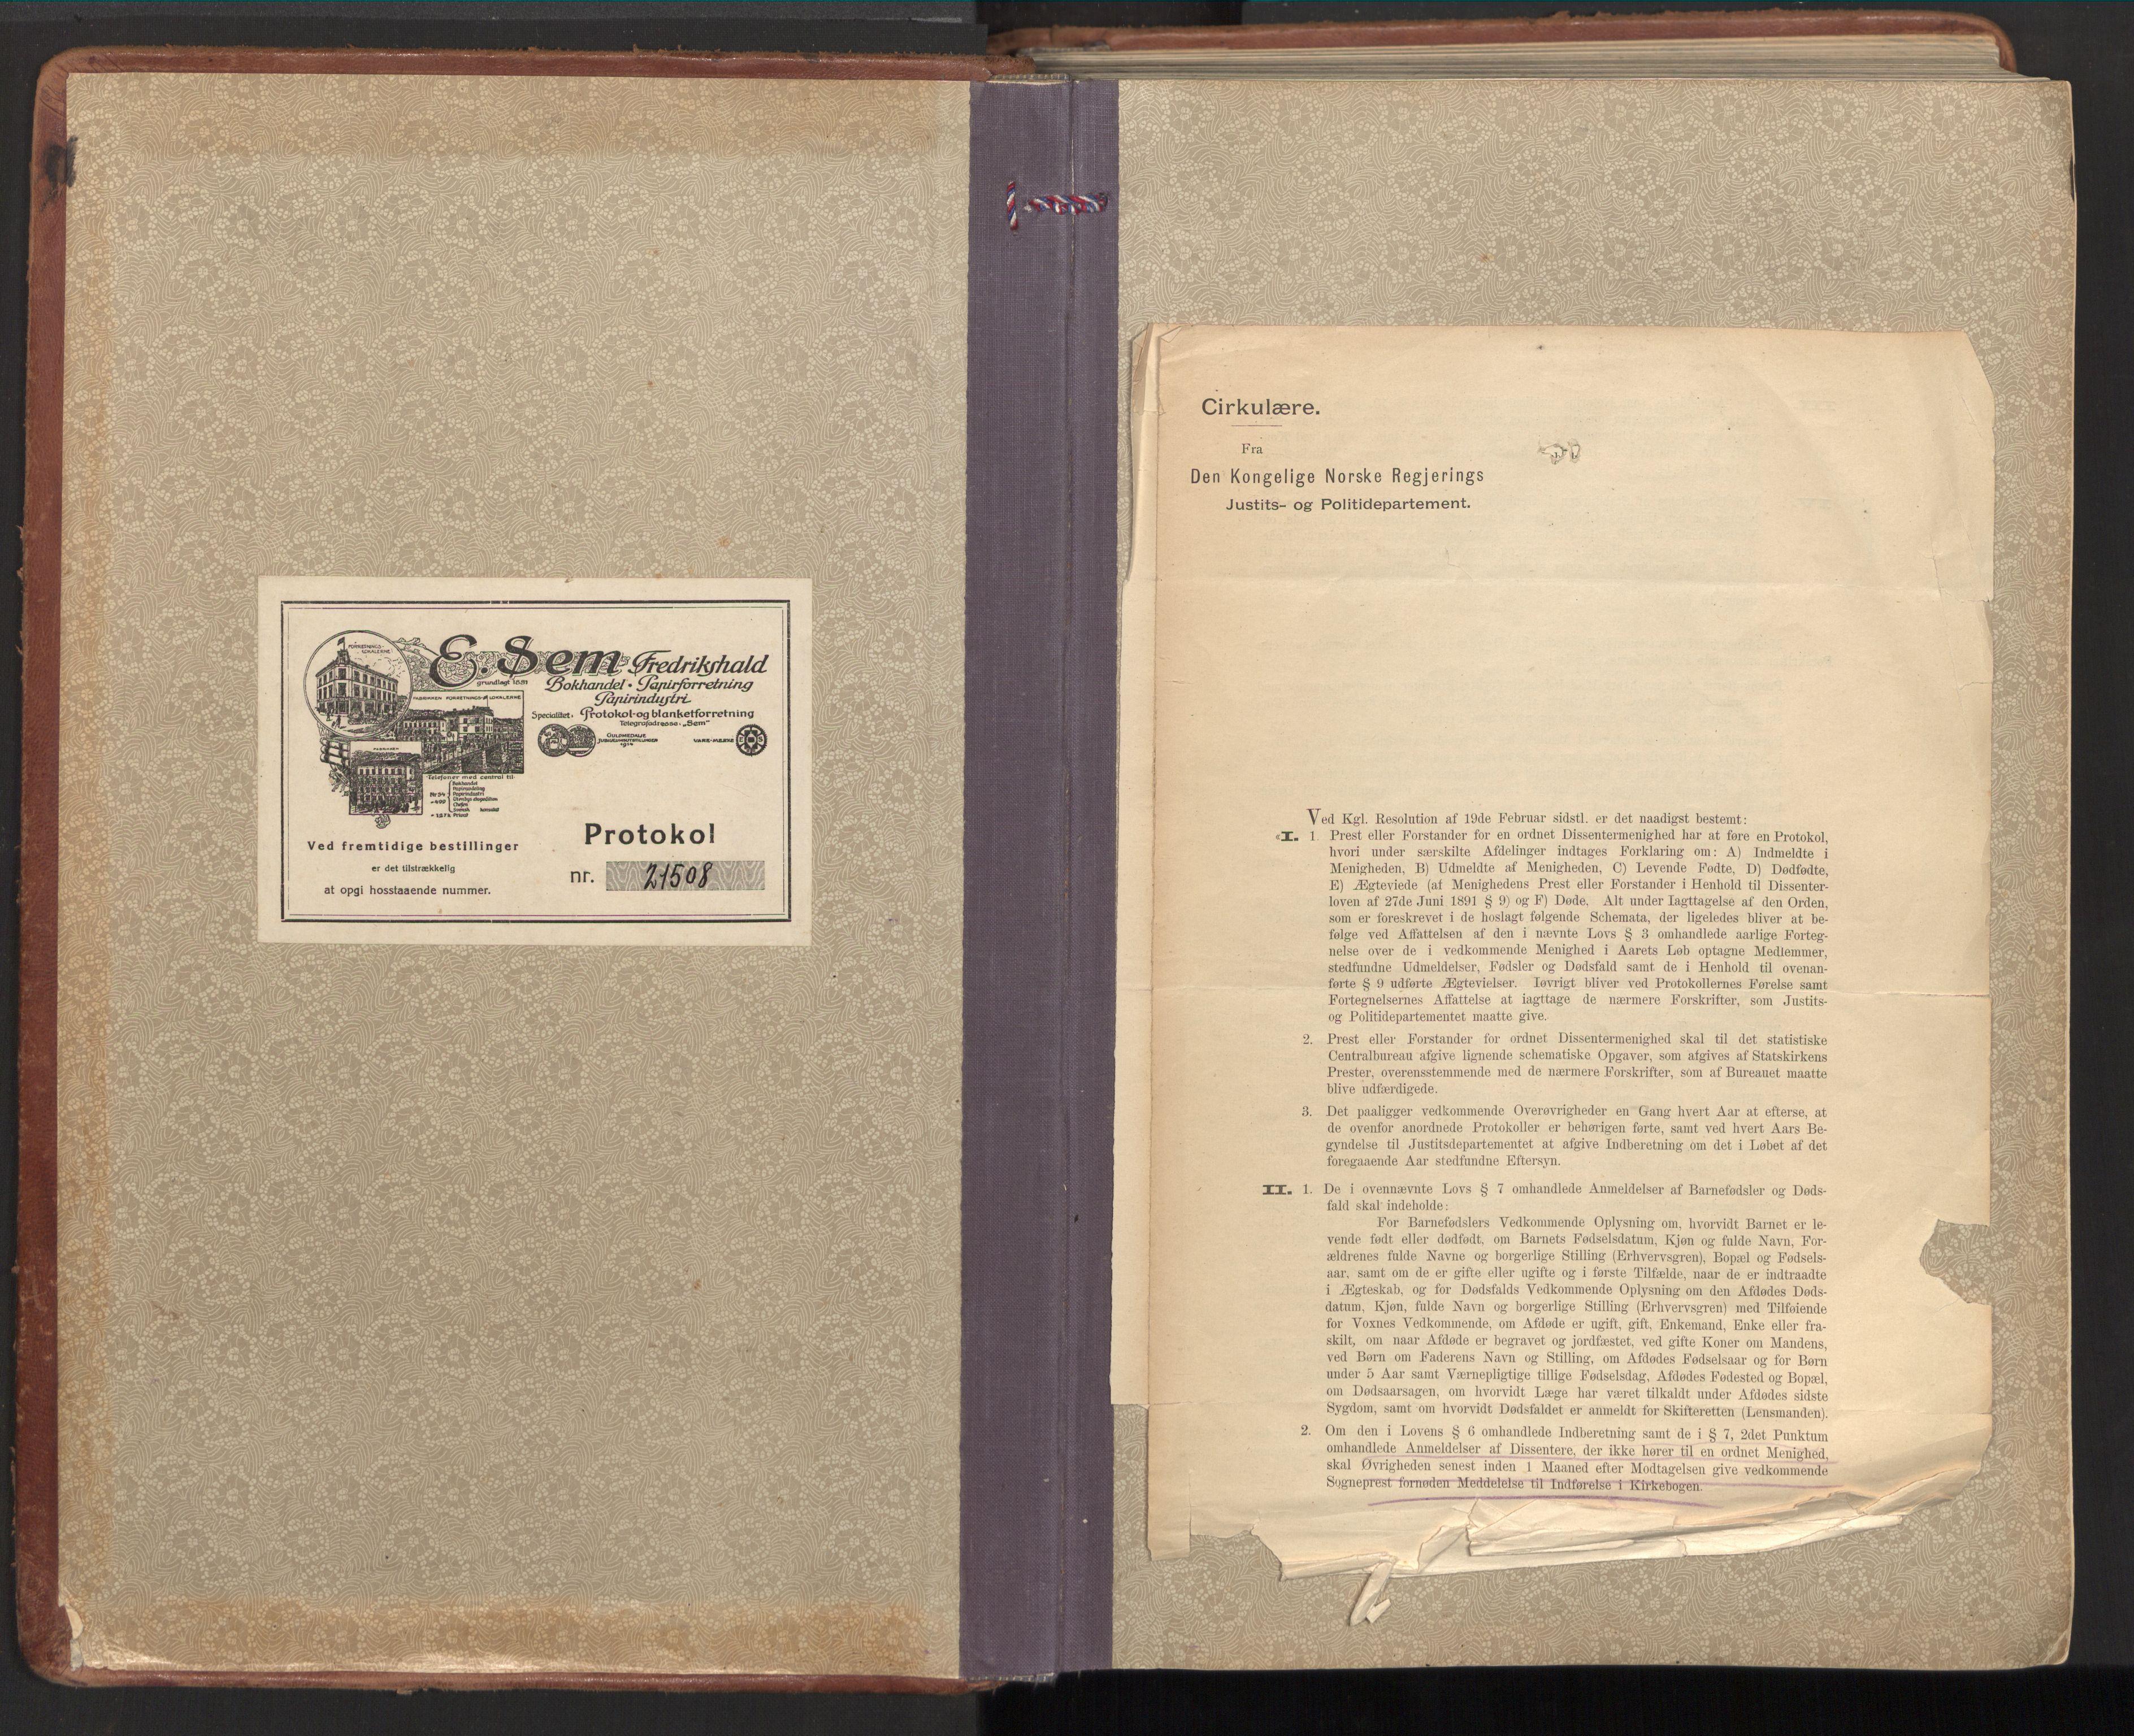 SAT, Ministerialprotokoller, klokkerbøker og fødselsregistre - Nord-Trøndelag, 784/L0678: Ministerialbok nr. 784A13, 1921-1938